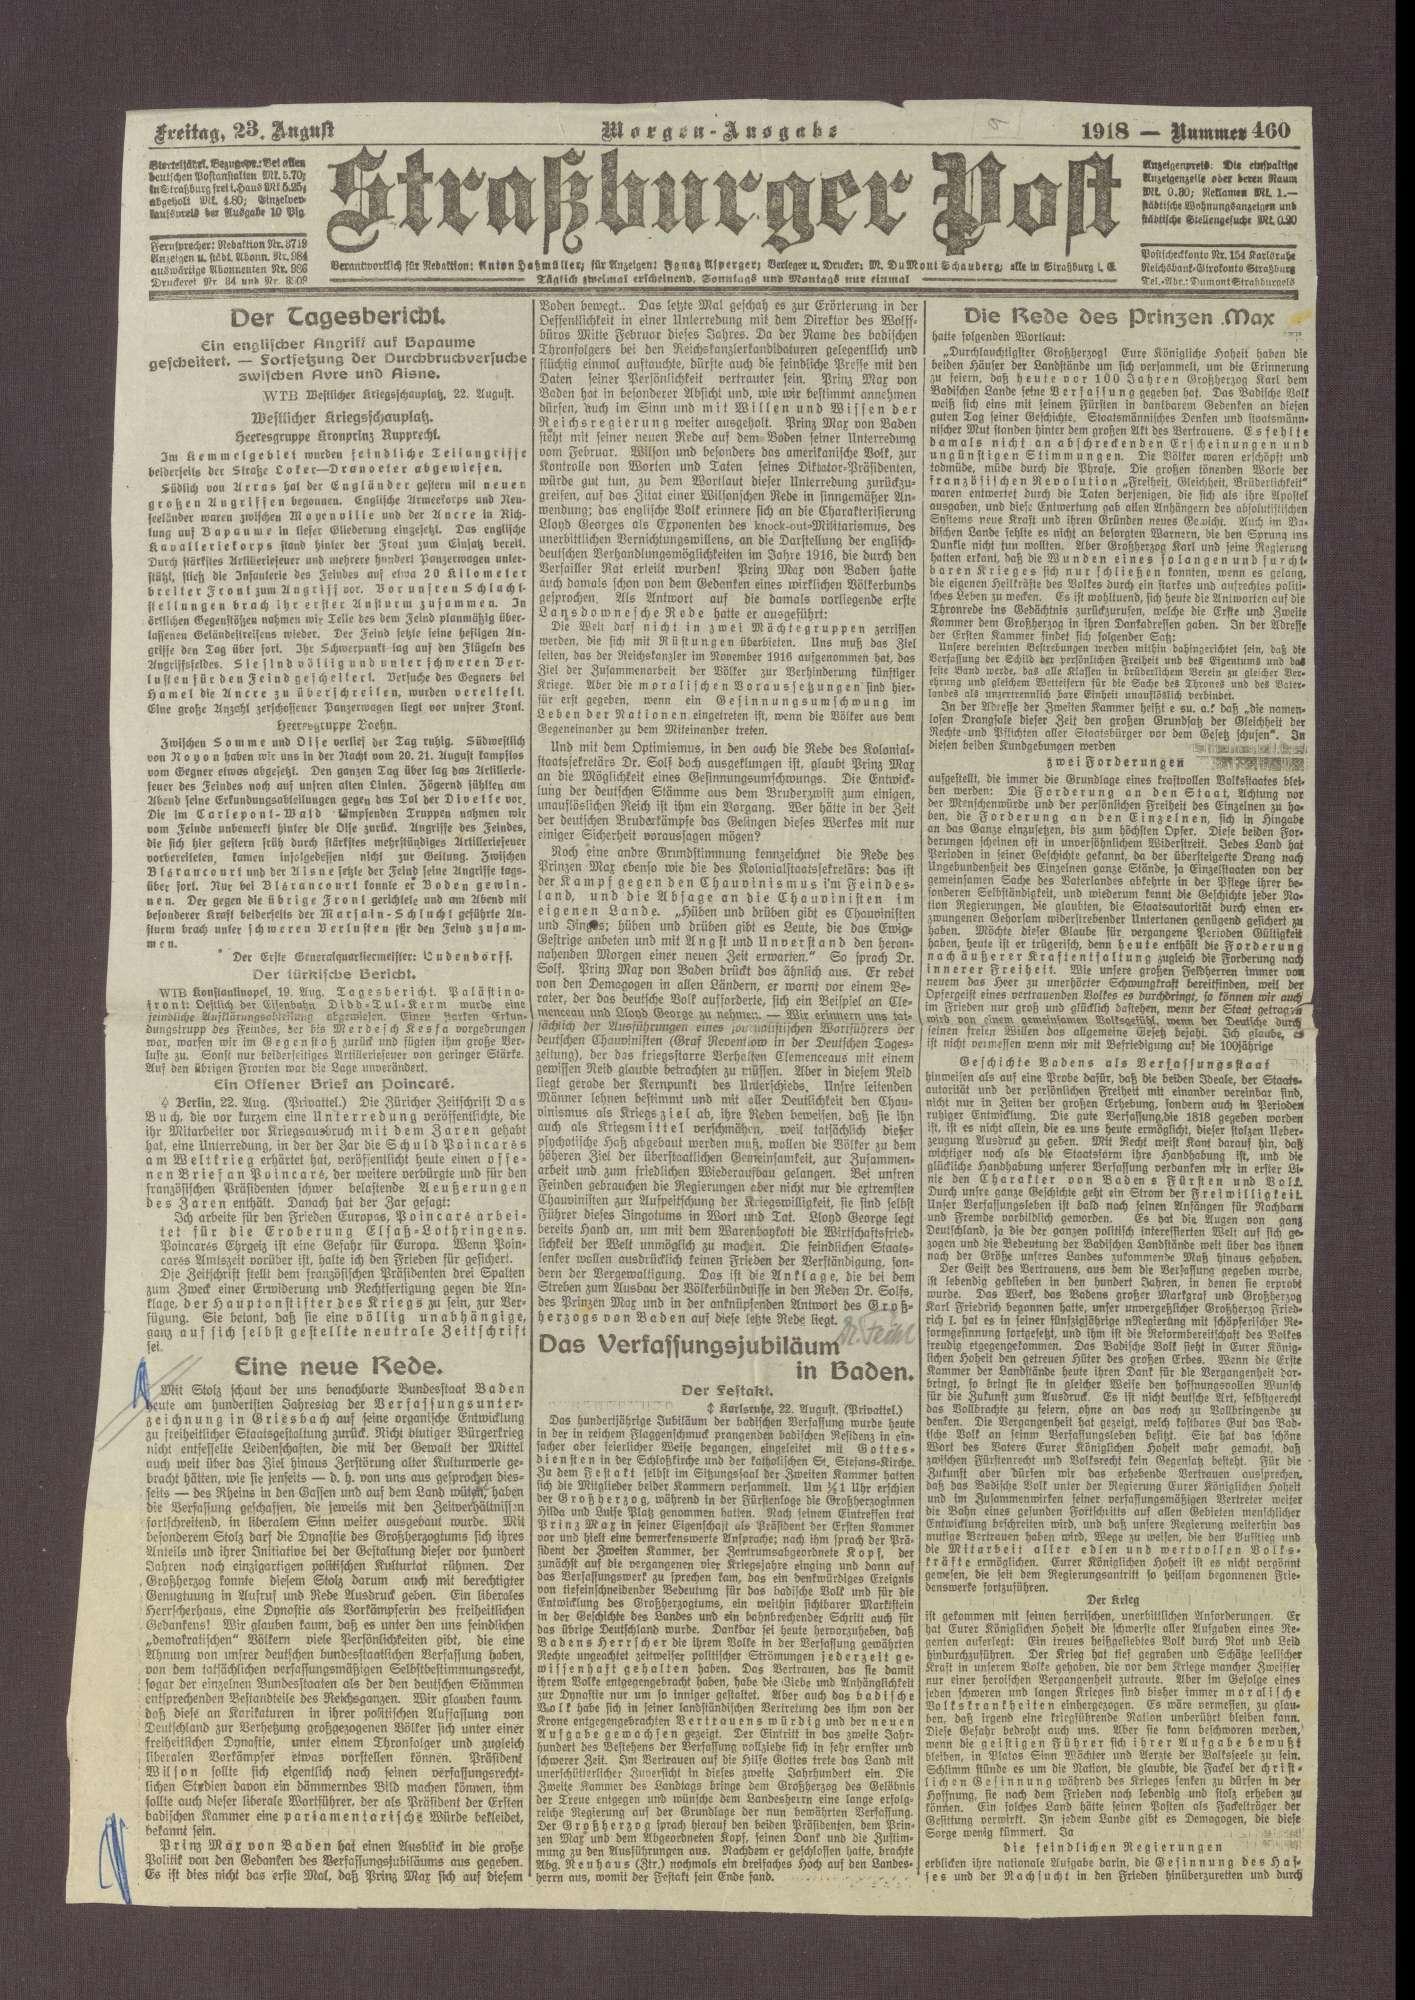 """Artikel in der Straßburger Post: """"Die Rede des Prinzen Max"""", Bild 1"""